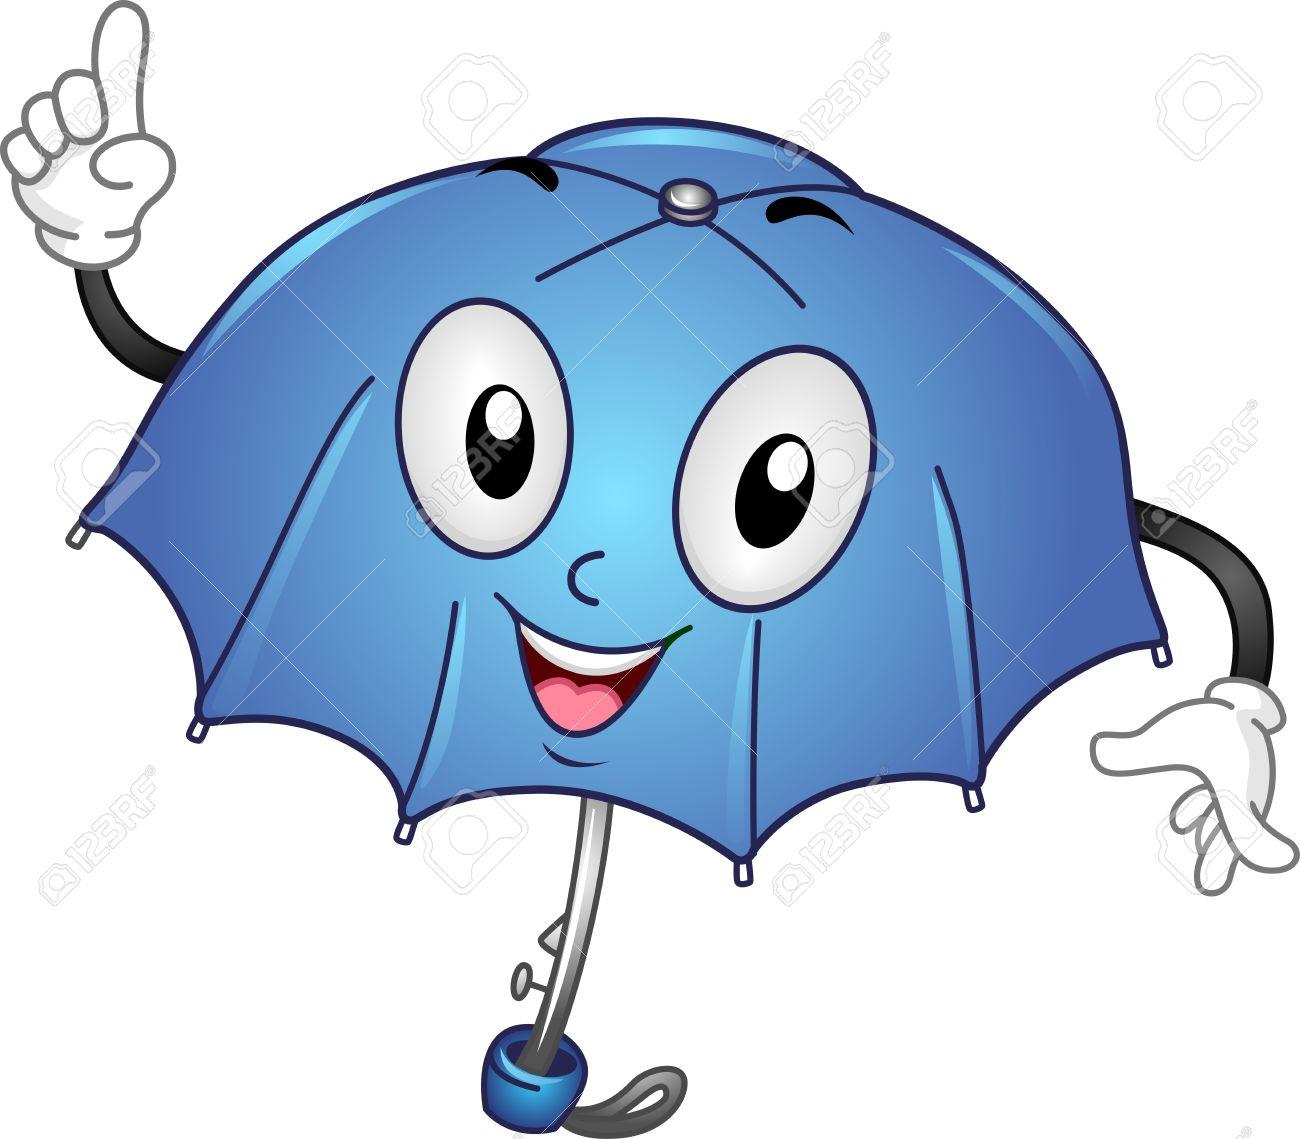 Cartoon umbrella clipart clipart free download Cartoon Umbrella Clipart | Free download best Cartoon Umbrella ... clipart free download